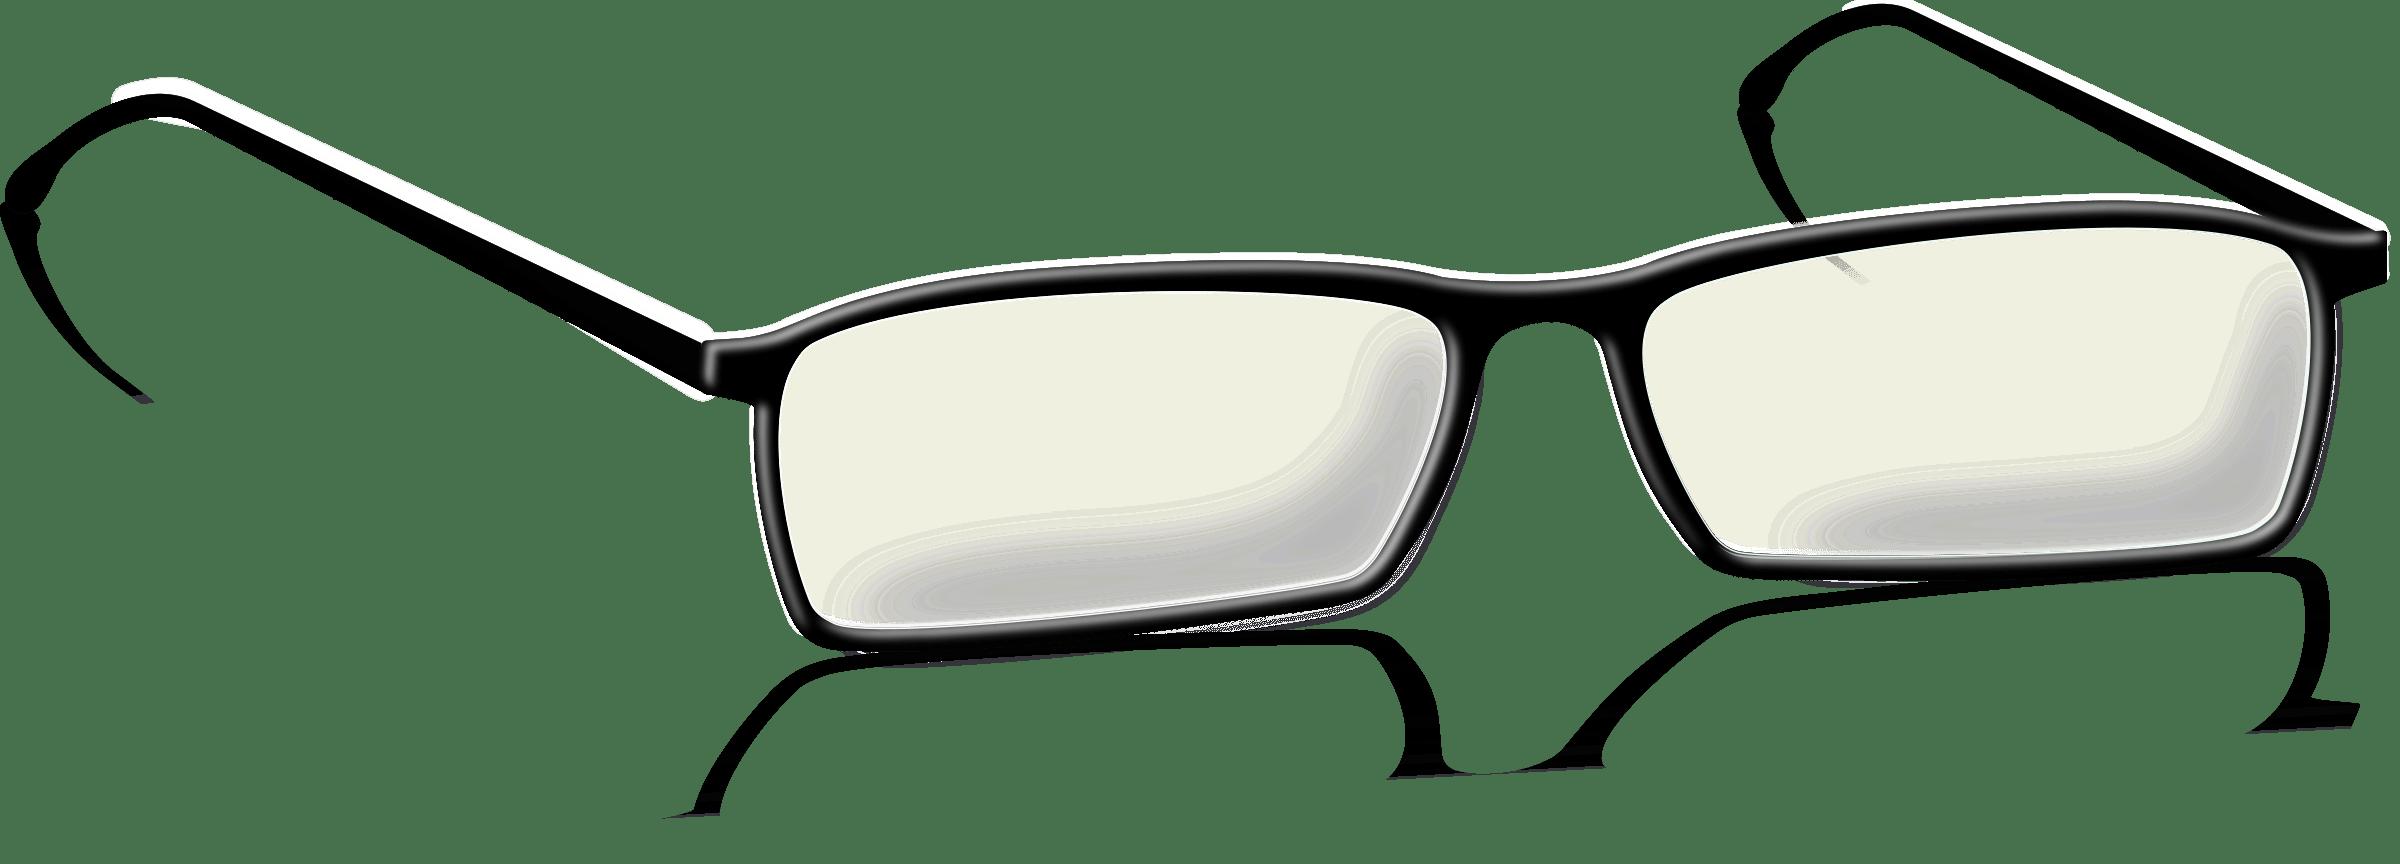 Glass Clipart Sunglass Glass Sunglass Transparent Free